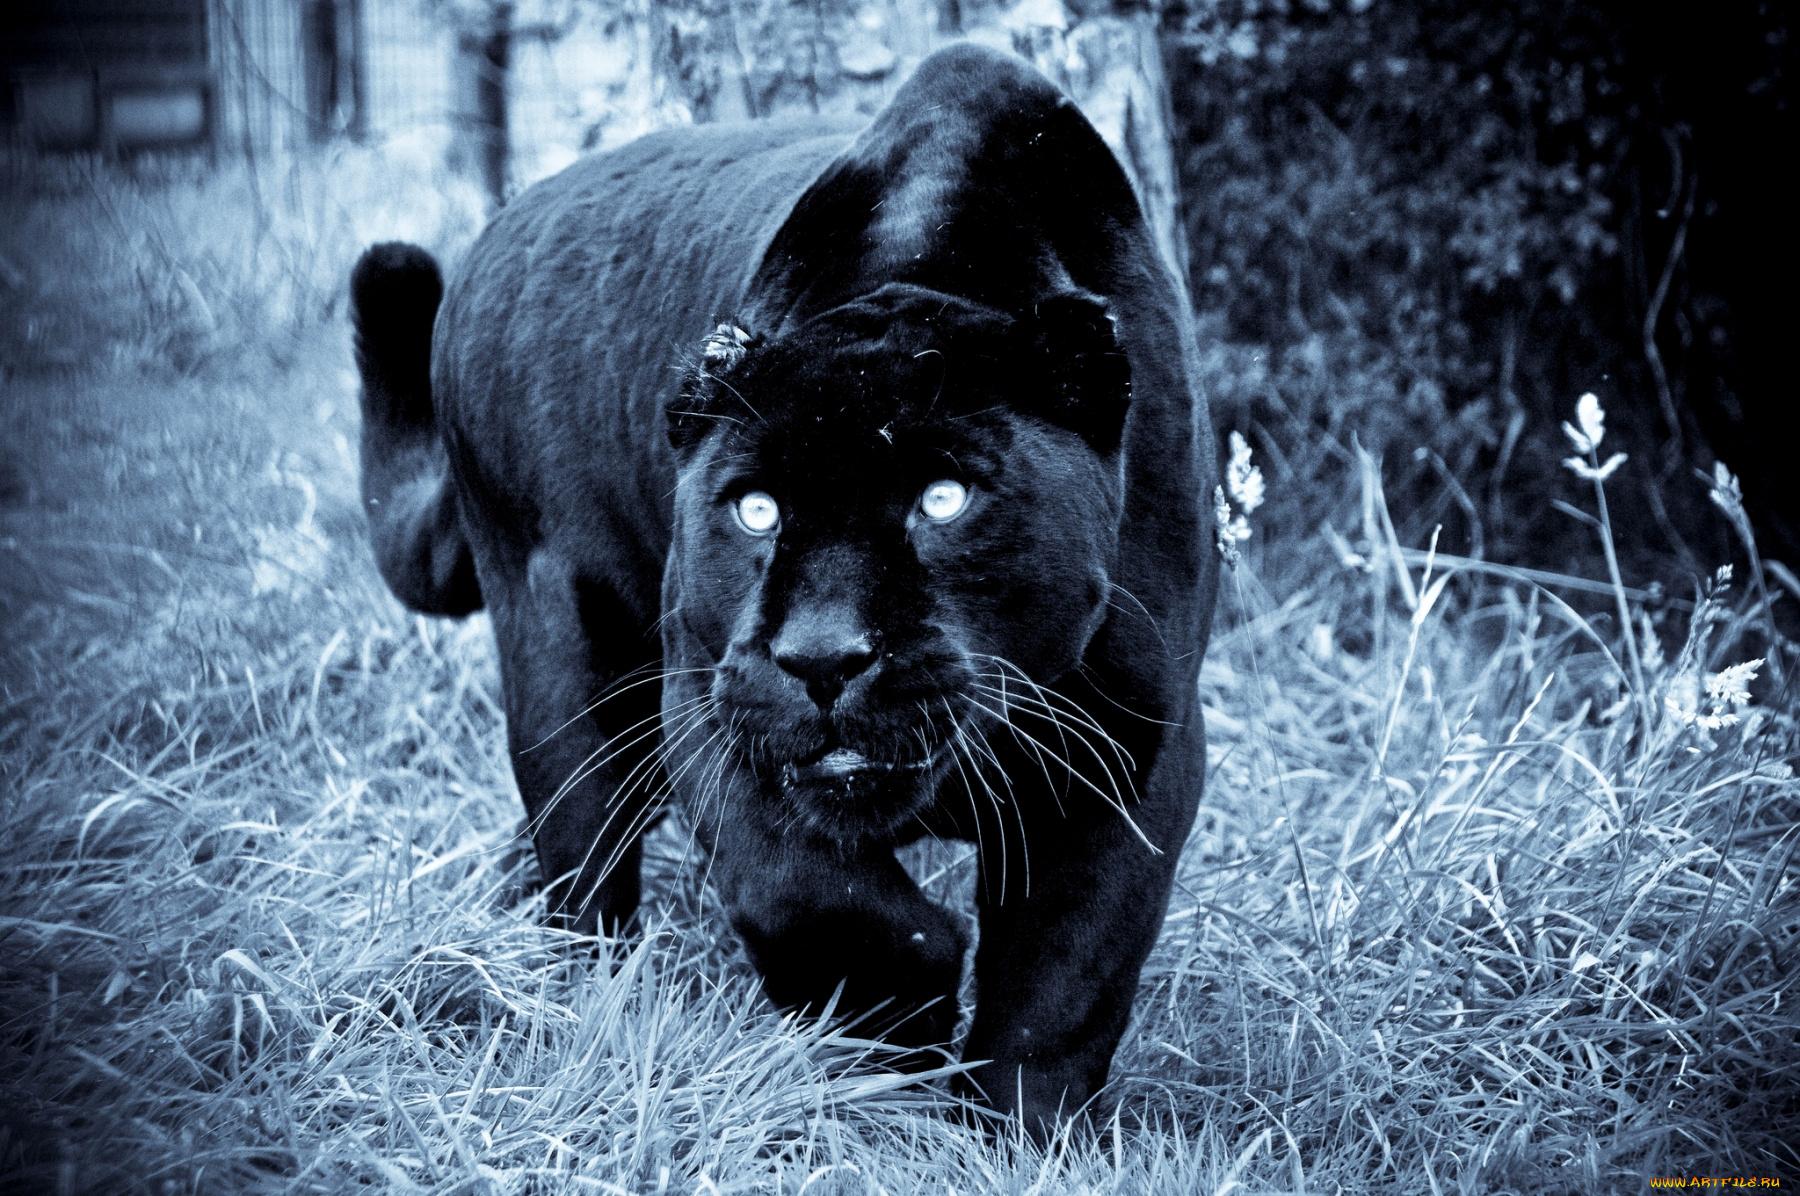 Поэтессе, картинки на телефон красивые и крутые пантера